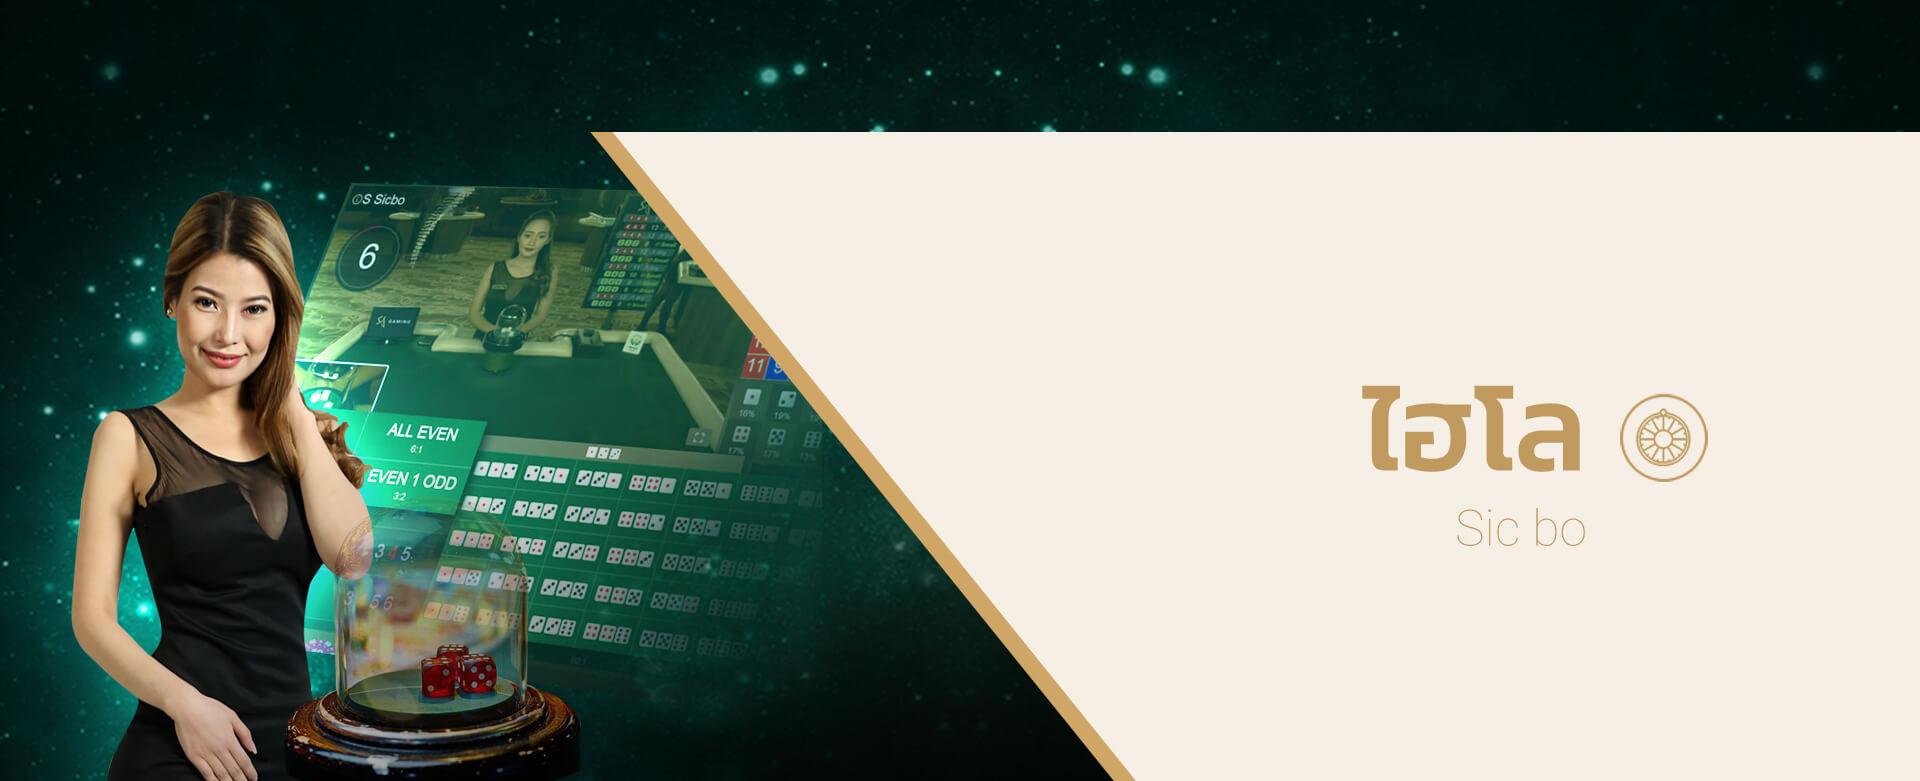 ไฮโล เกมสูงต่ำ Sicbo SA Gaming